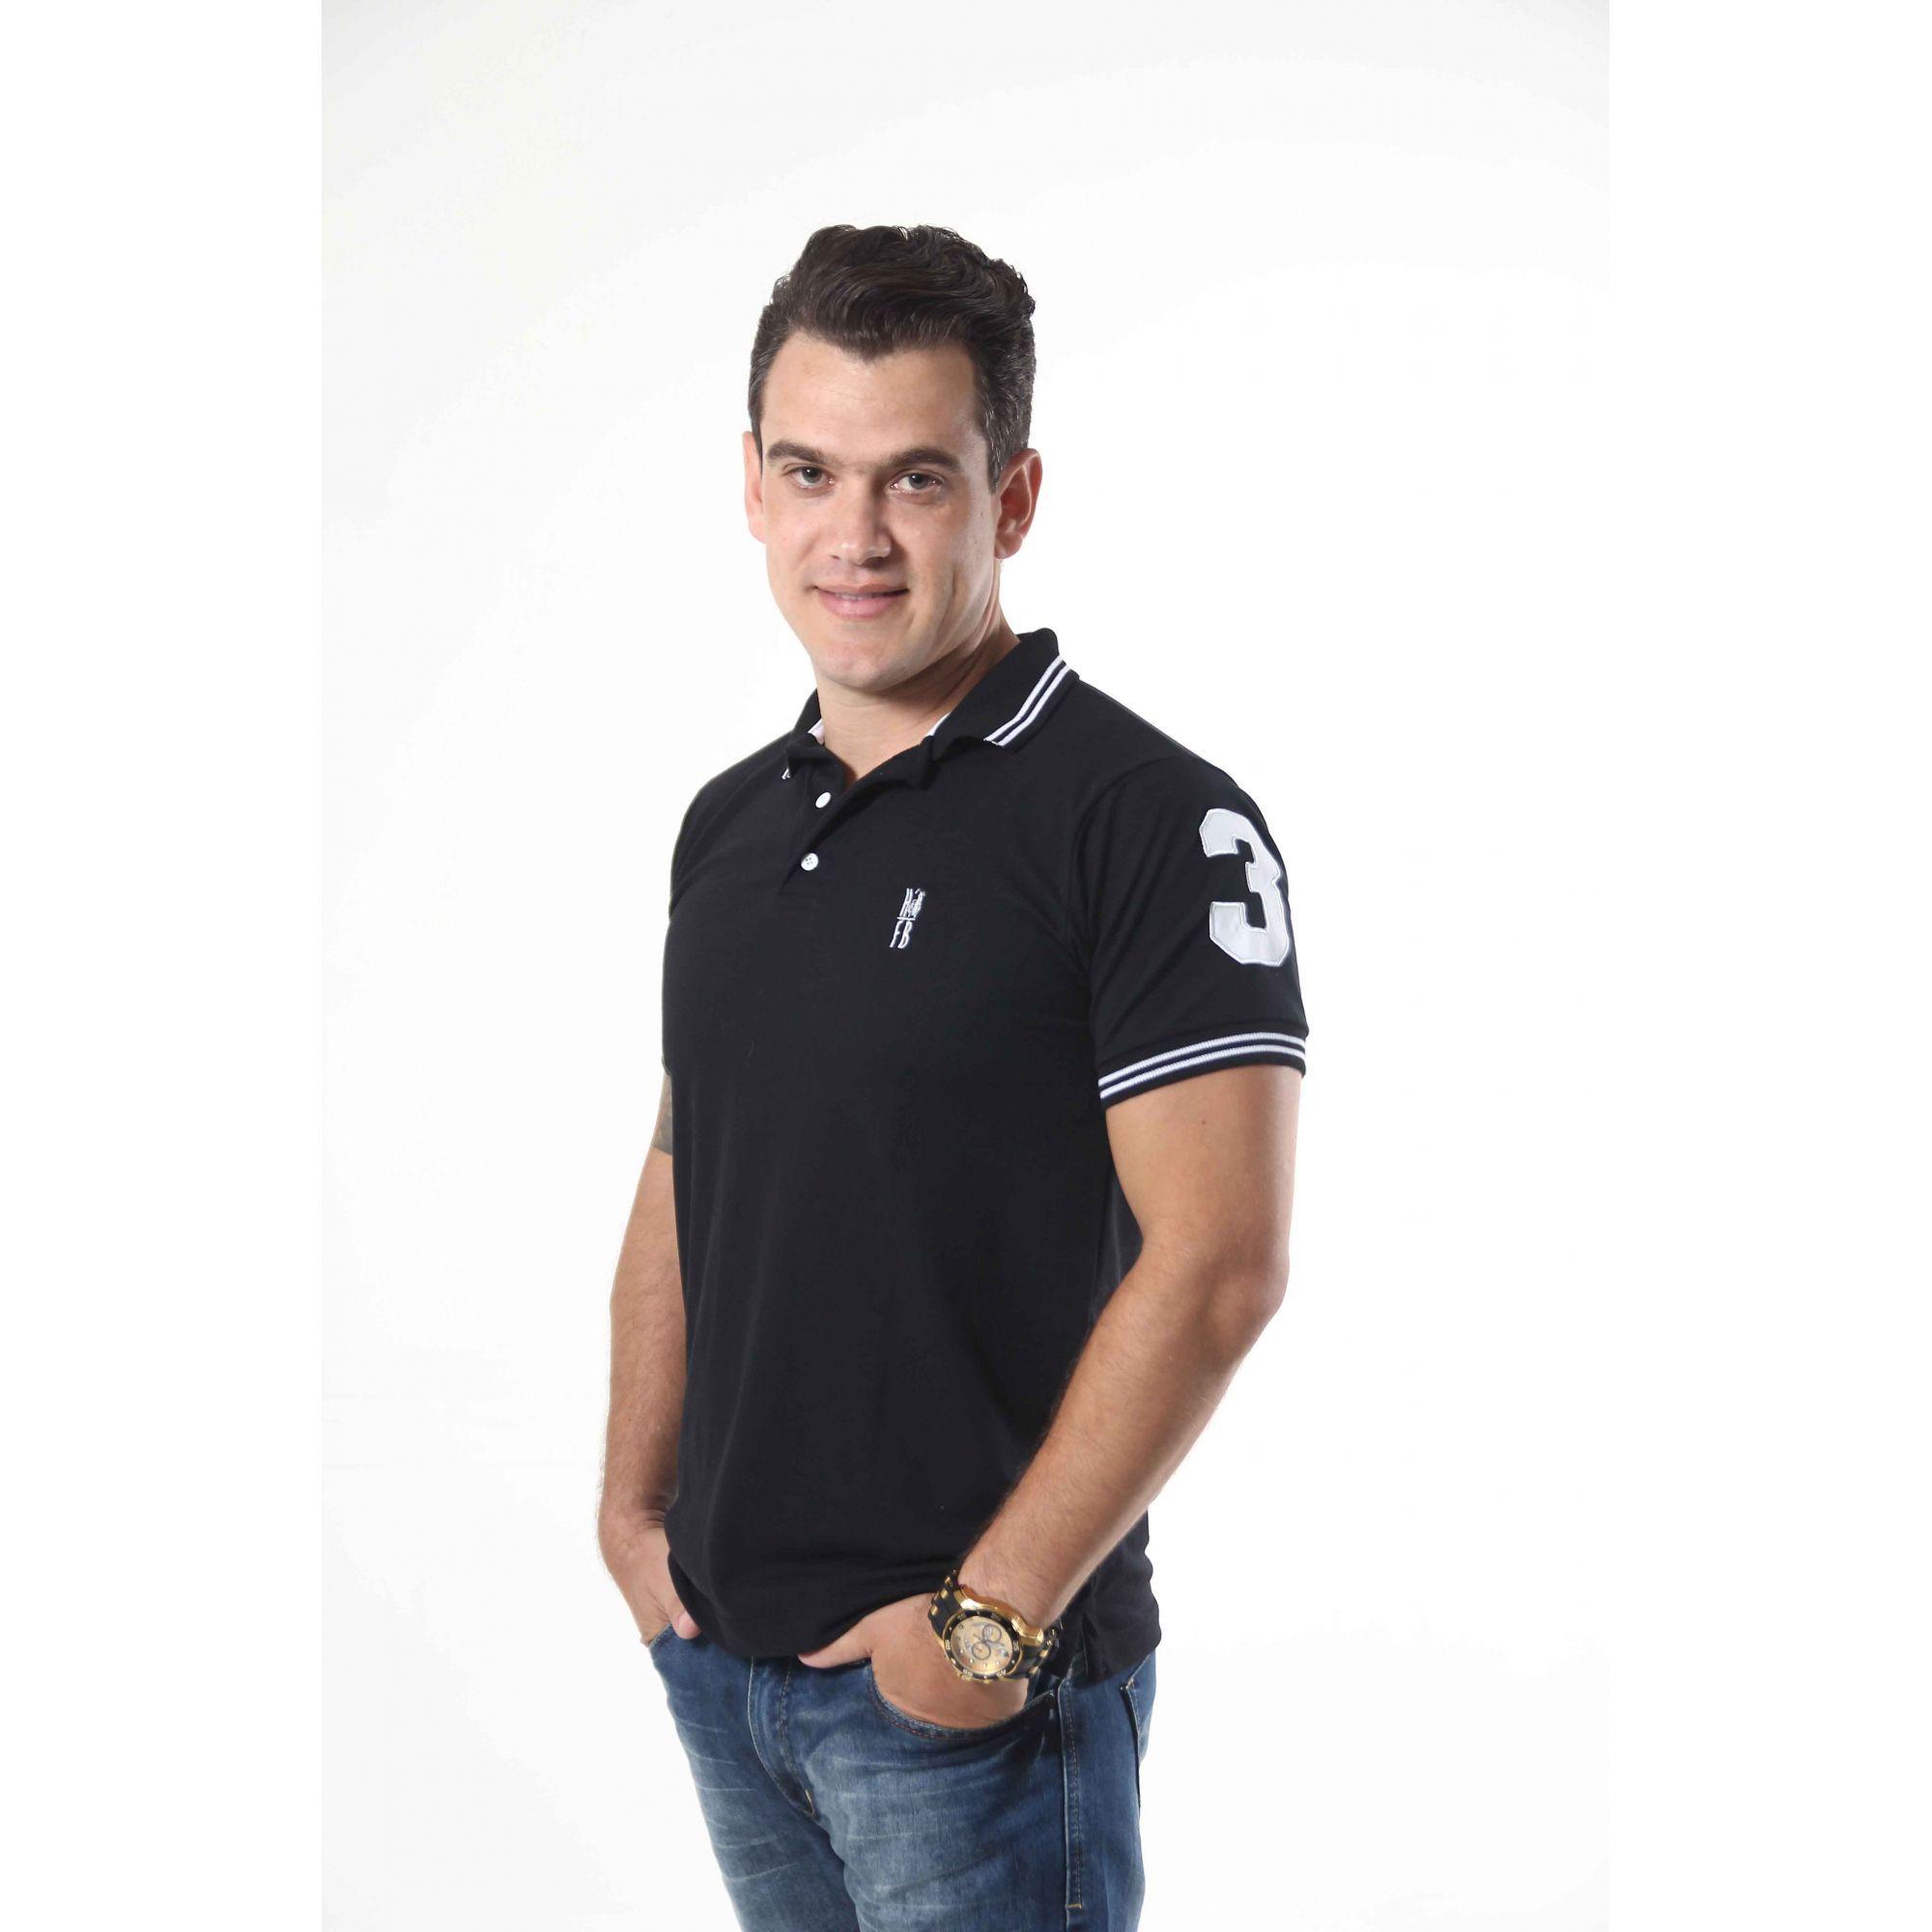 NAMORADOS > Kit 02 Peças Camisa + Vestido Polo Preto Elegância [Coleção Namorados]  - Heitor Fashion Brazil